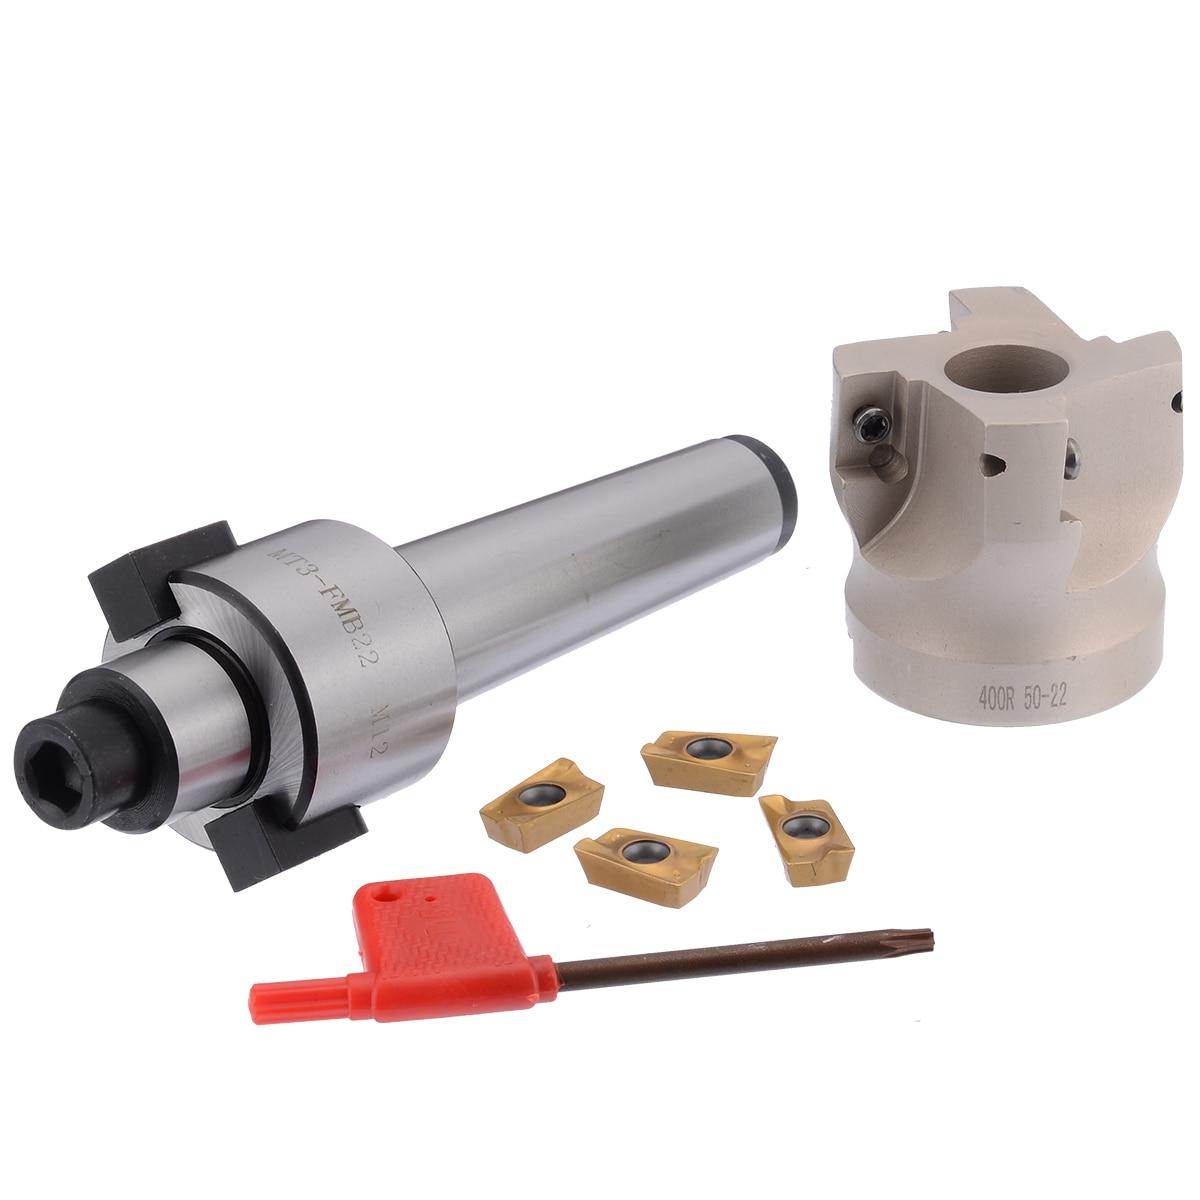 1 pc MT3-FMB-Shank 50 millimetri Viso Fresa Fresatura CNC Cutter + 4 pcs APMT1604 Inserti con Chiave E Box per il Piatto di Taglio